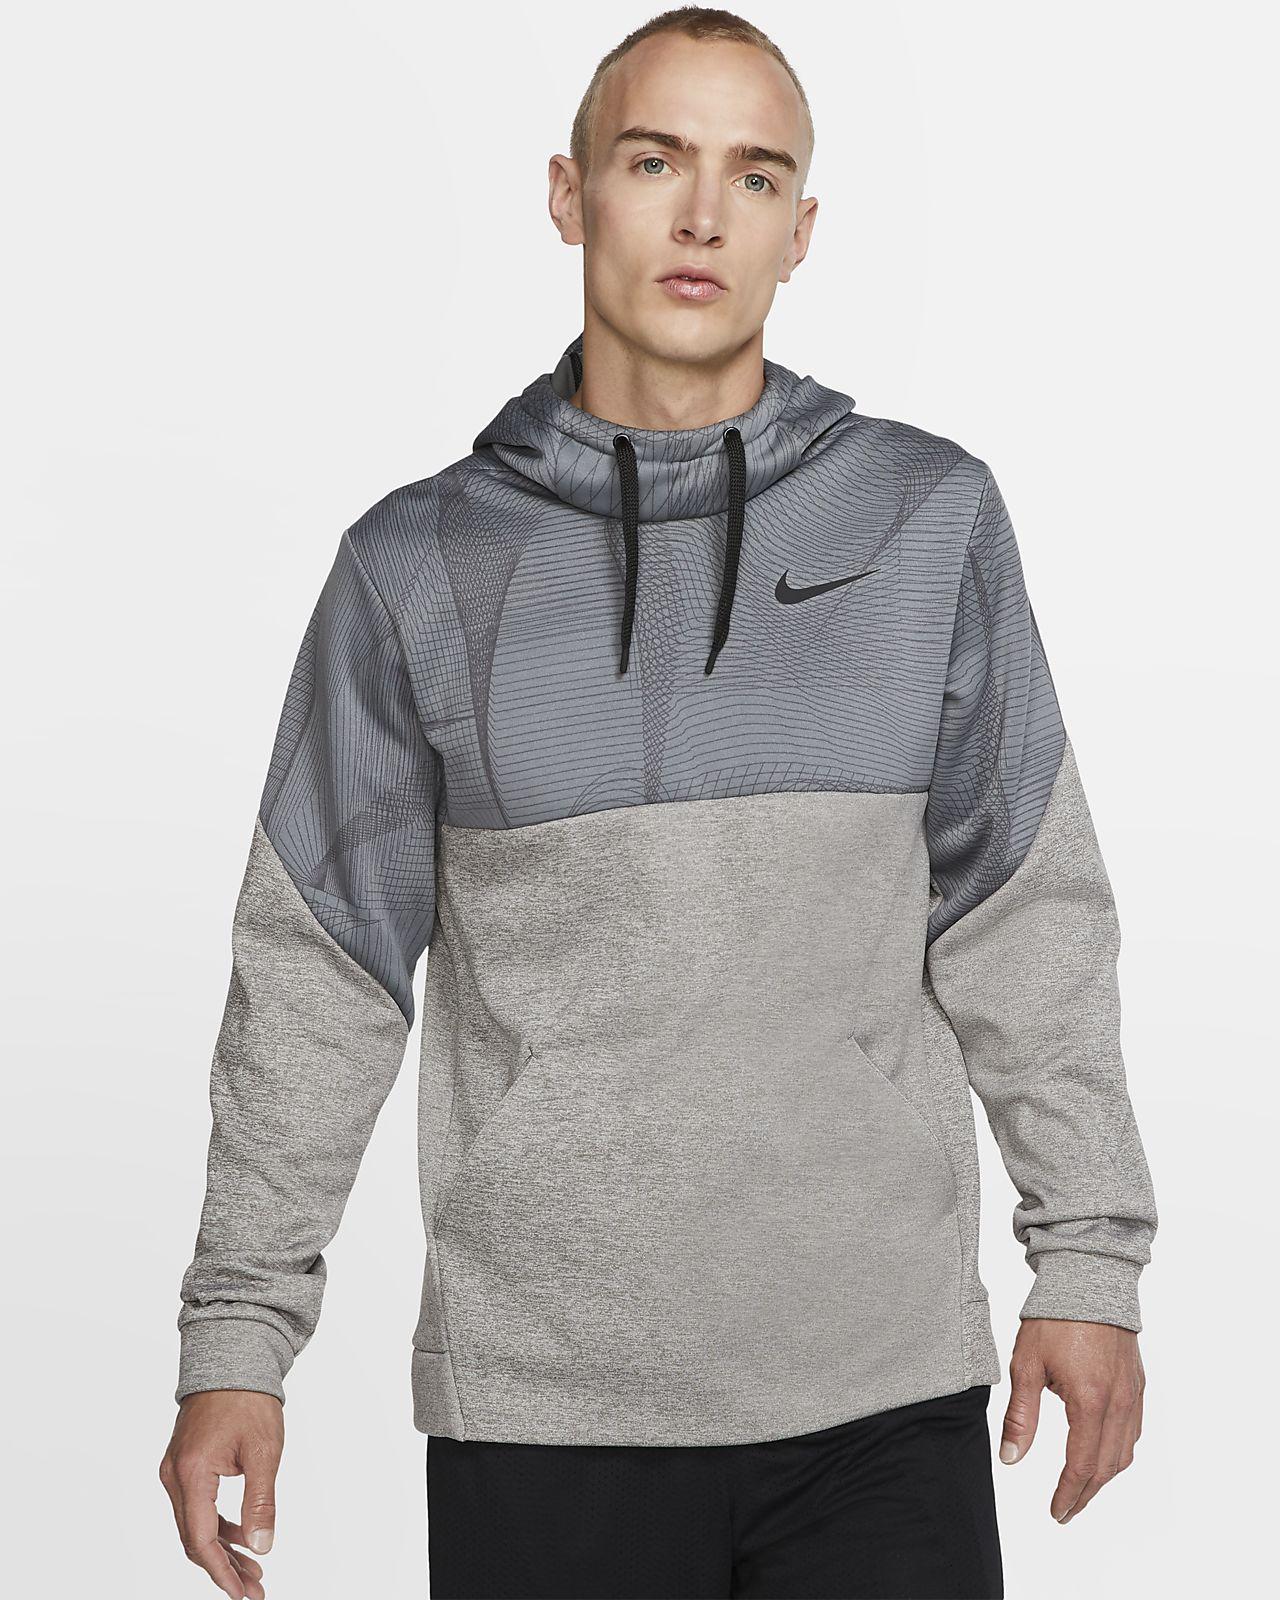 Felpa pullover da training in fleece con cappuccio Nike Therma - Uomo